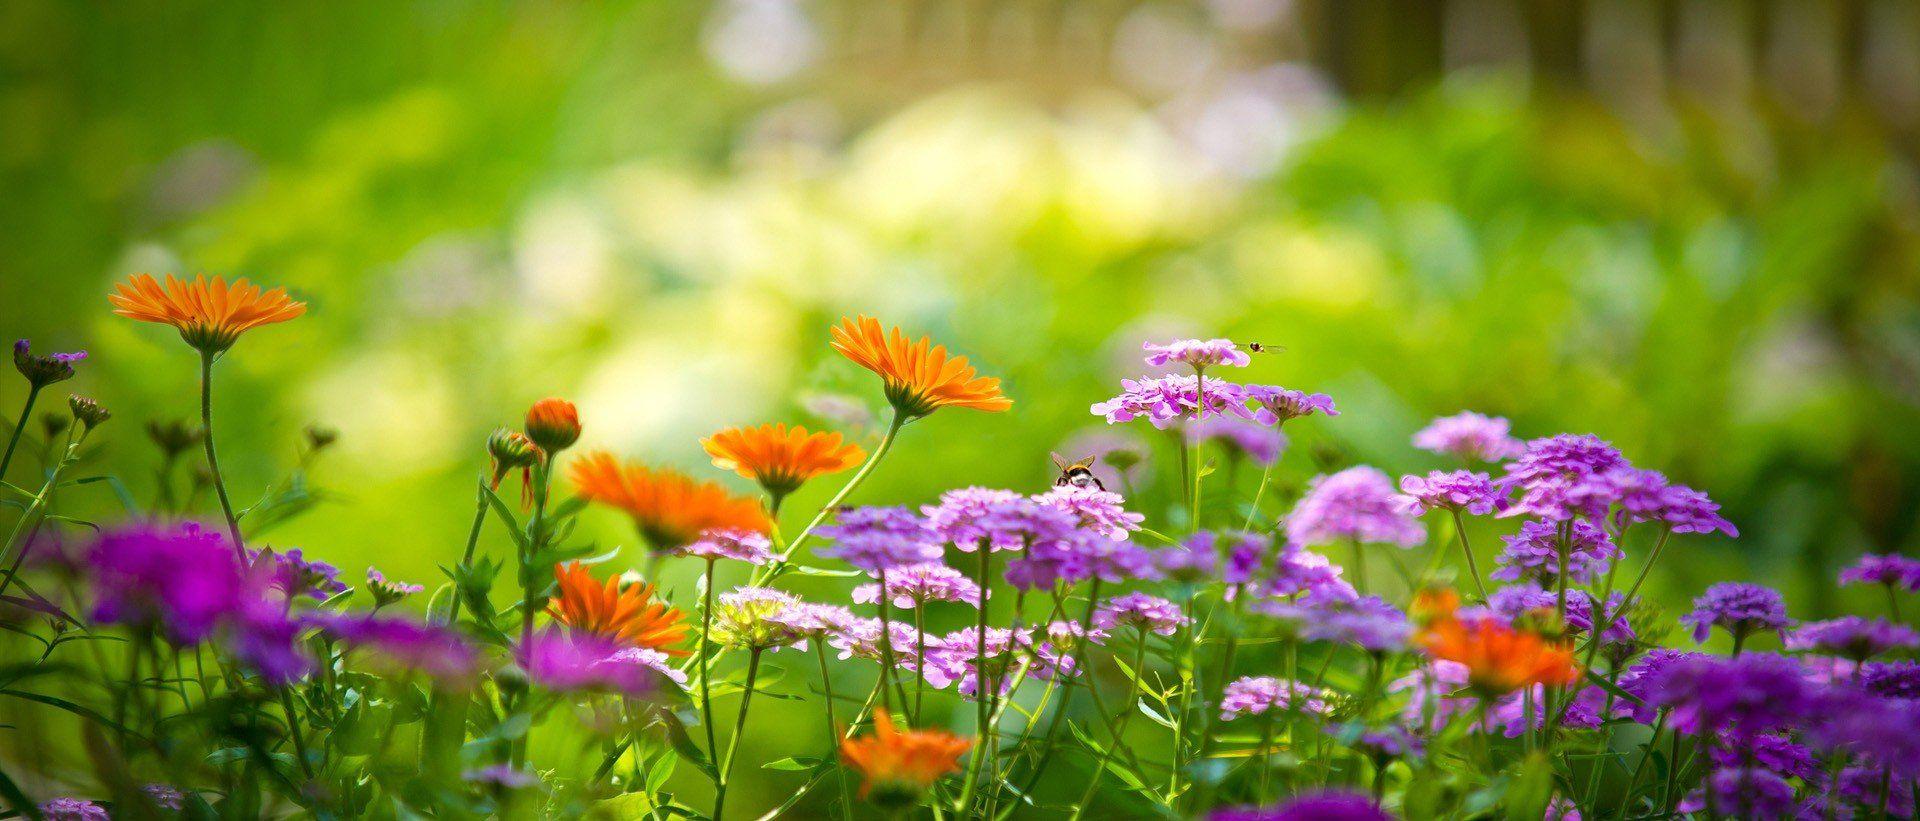 GardenMeister